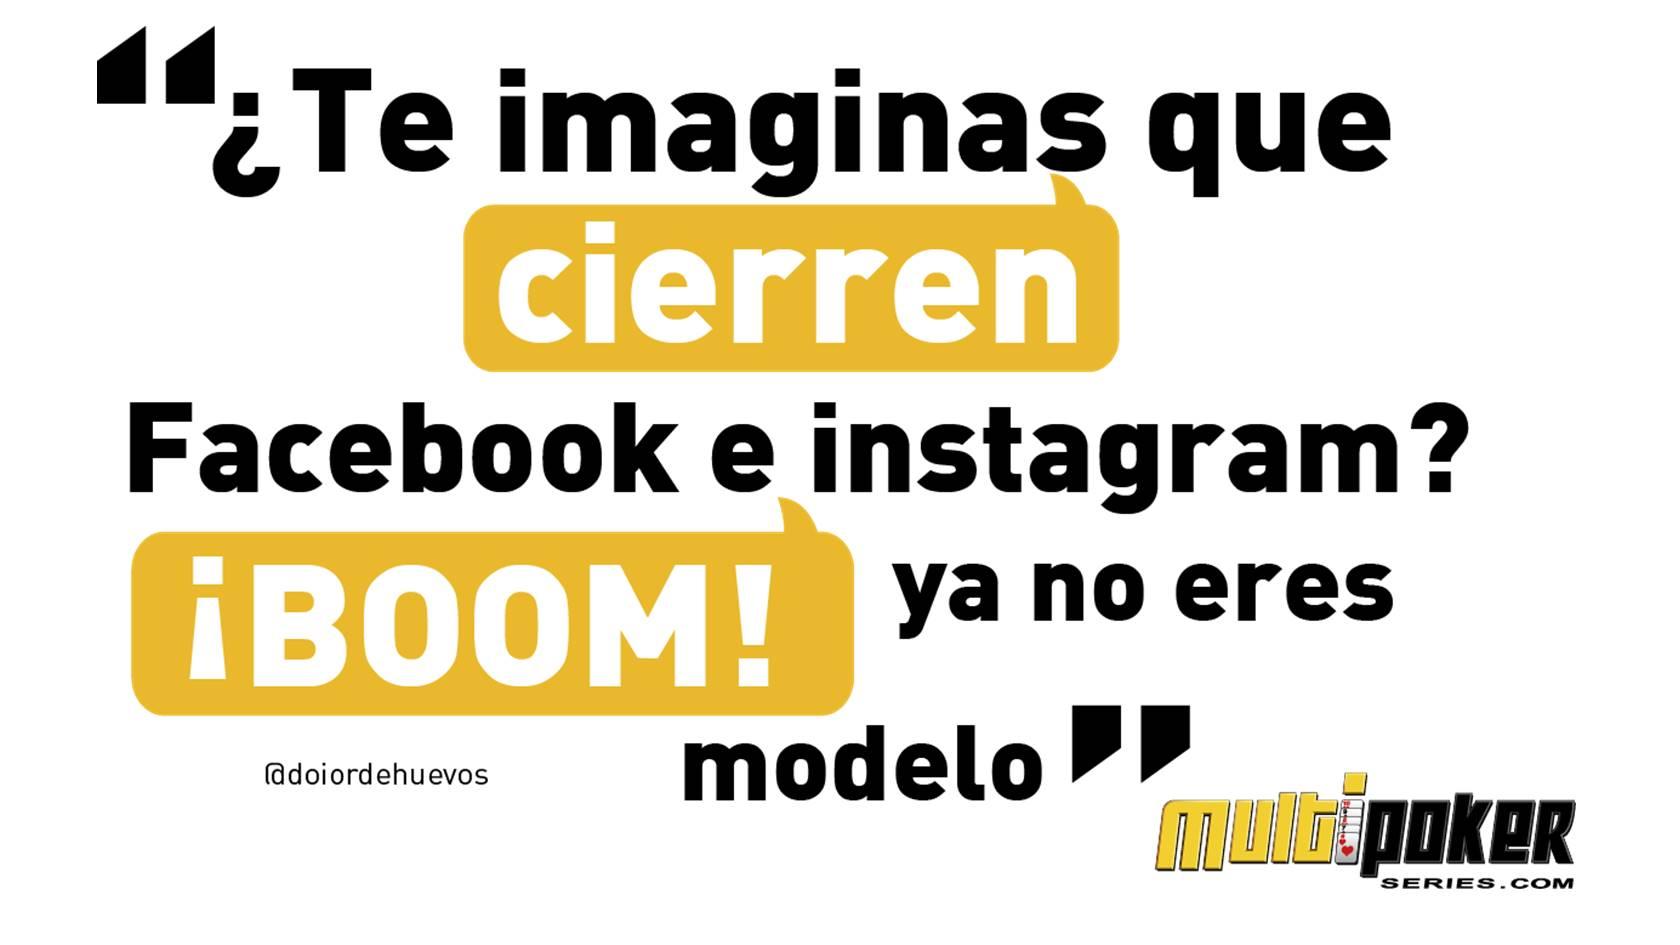 Te imaginas que cierren Facebook e Instagram? ¡Boom! ya no eres modelo